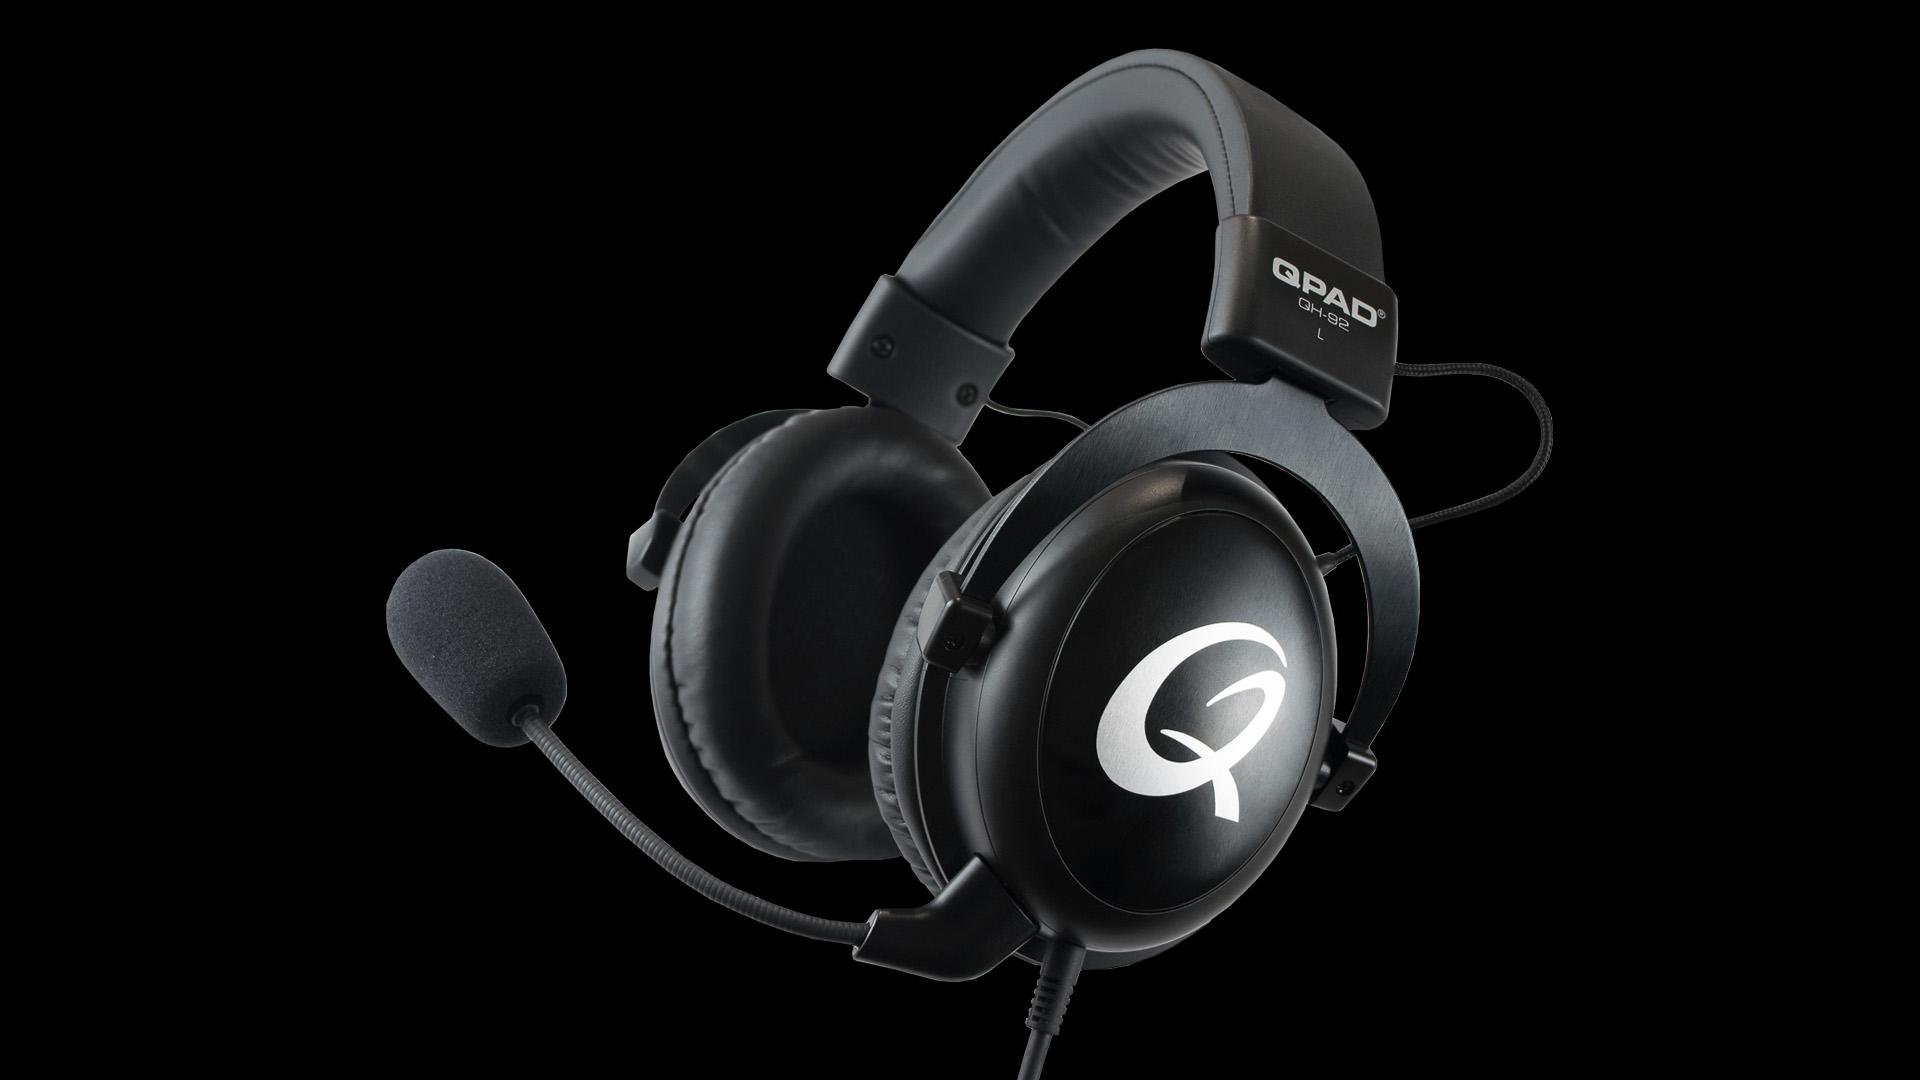 QPAD QH-92 - Headset  - Gaming - Kabelgebunden - 3,5 mm Klinke